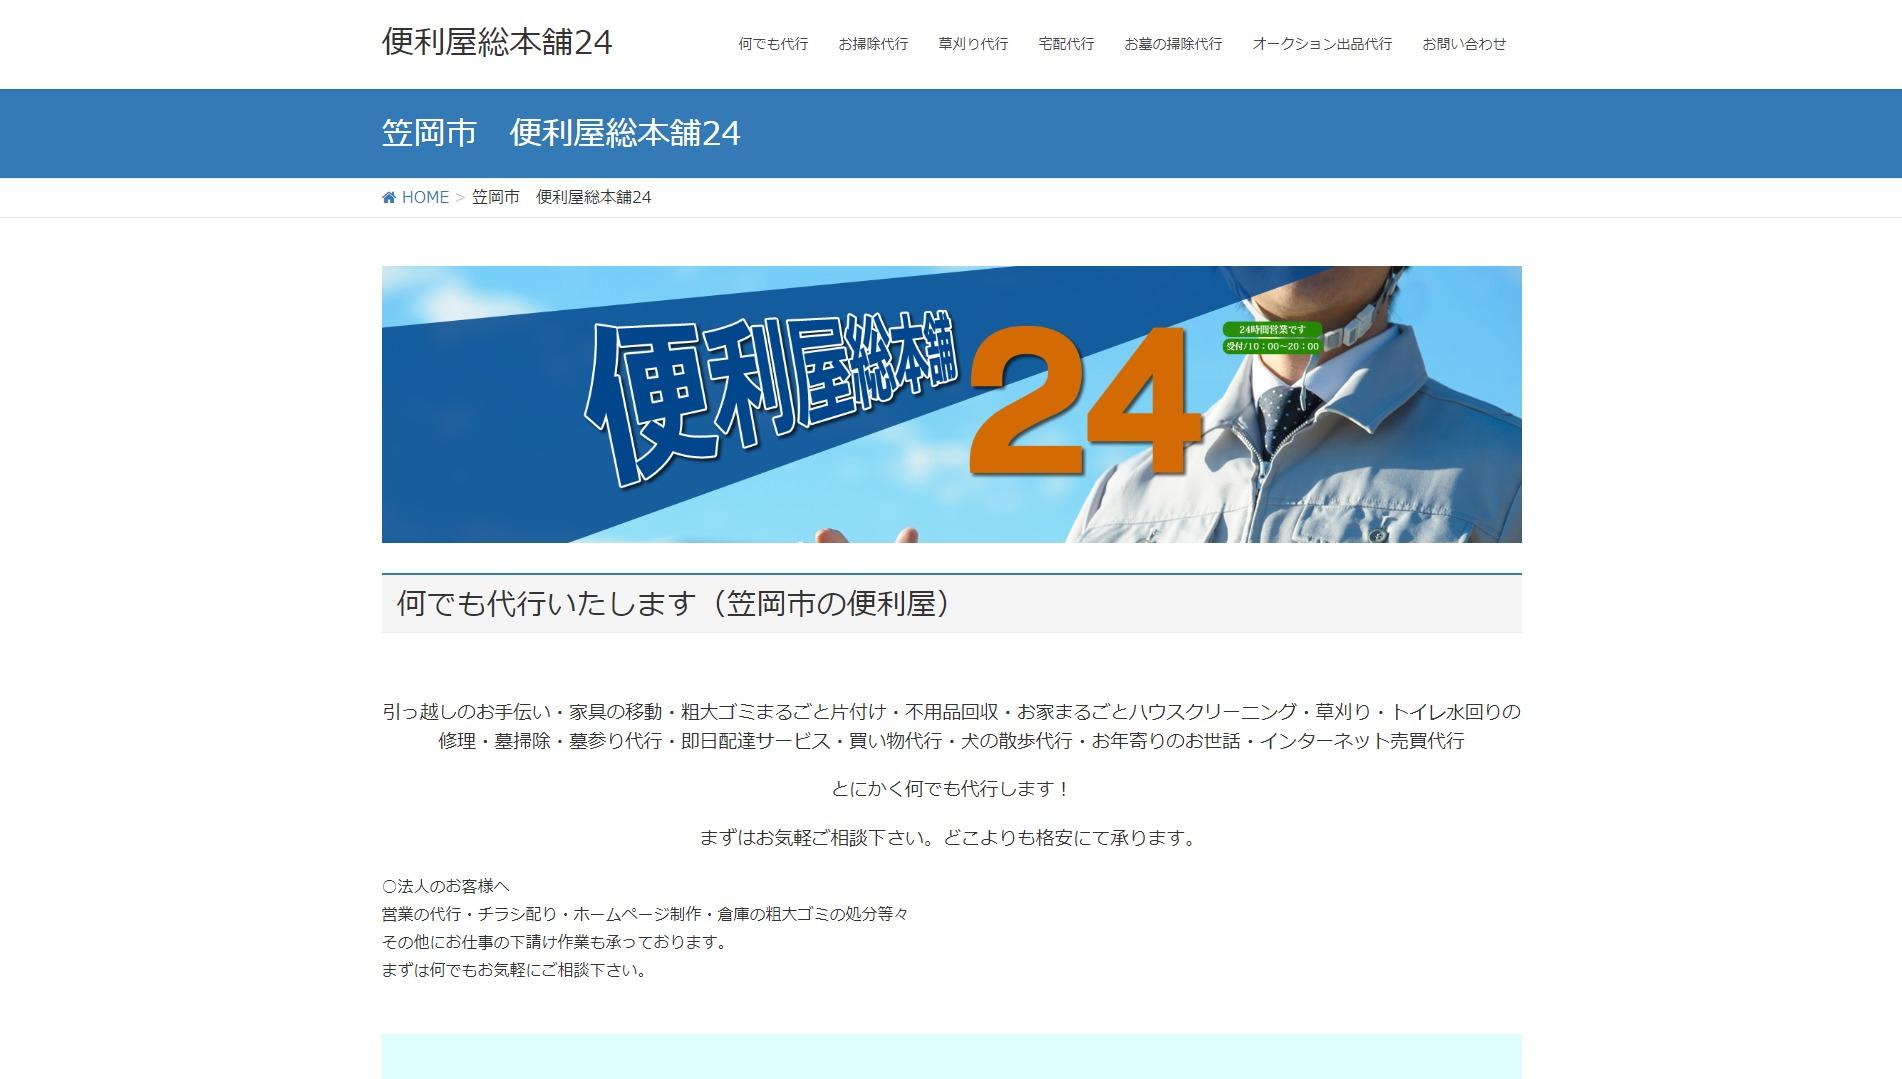 便利屋総本舗24浅口店(岡山県浅口市鴨方町)